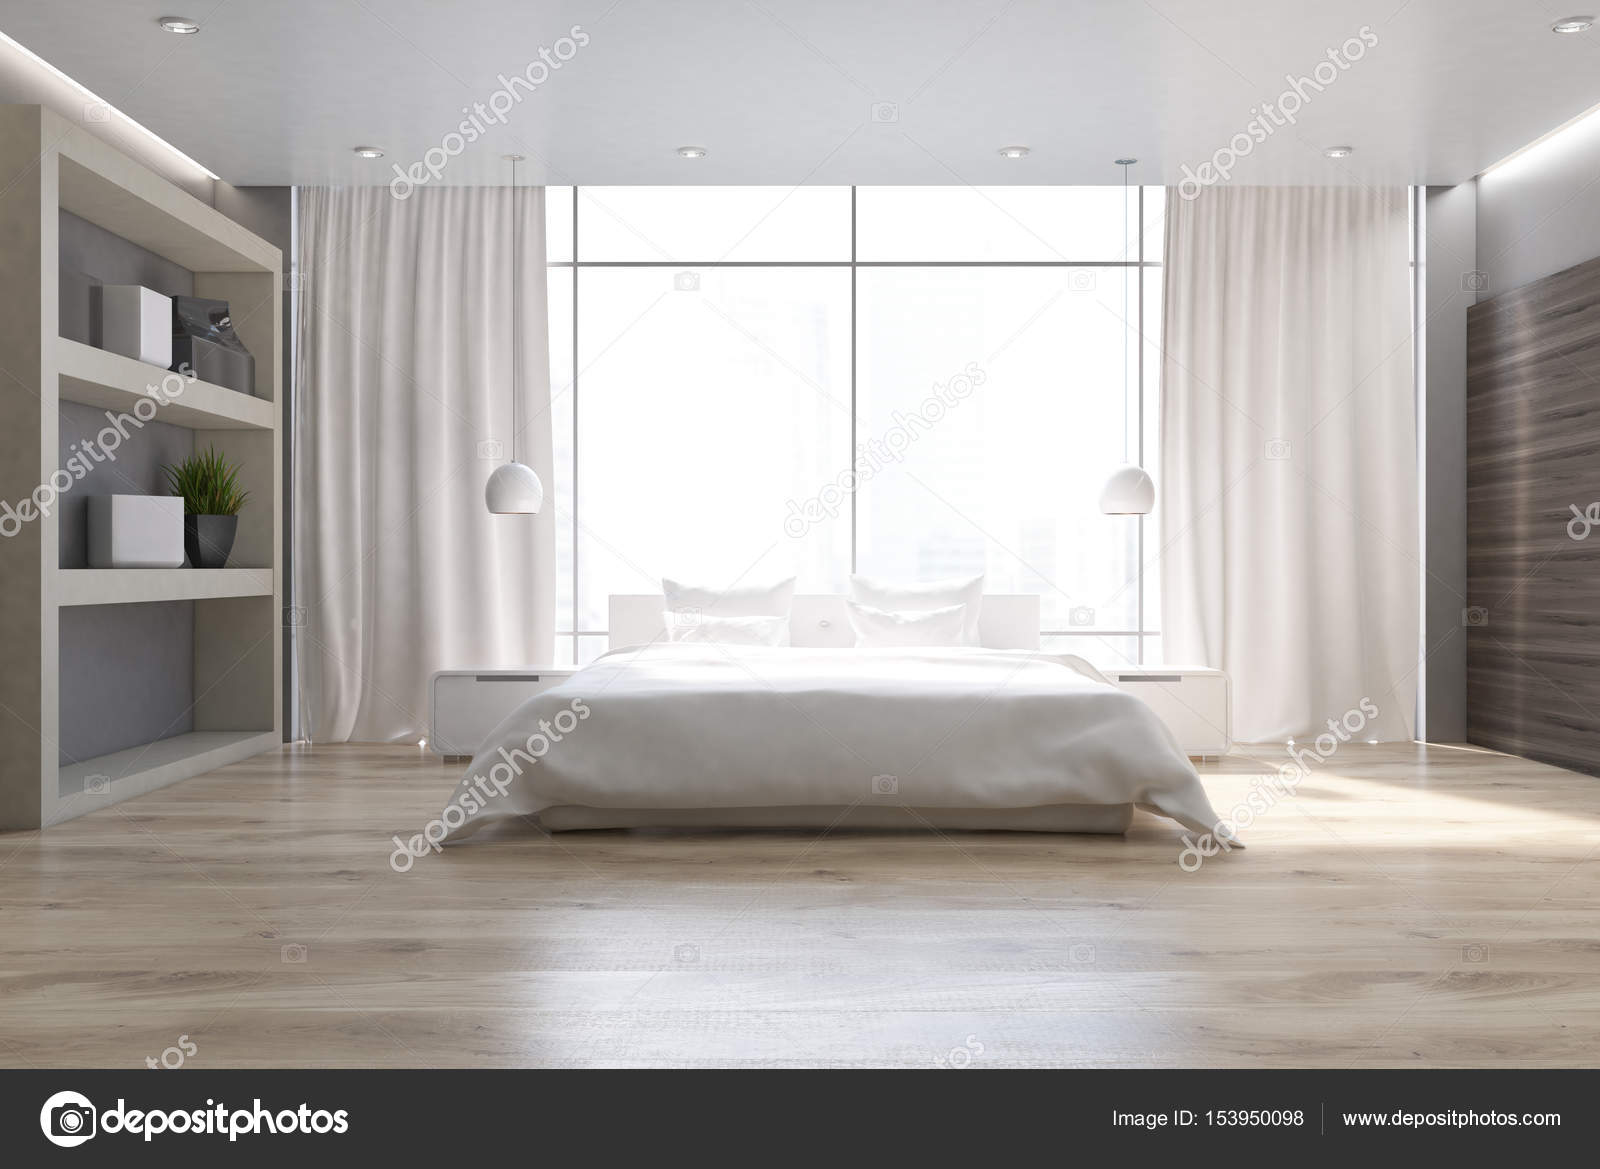 Slaapkamer Houten Vloer : Wit slaapkamer houten vloer voorste u stockfoto denisismagilov